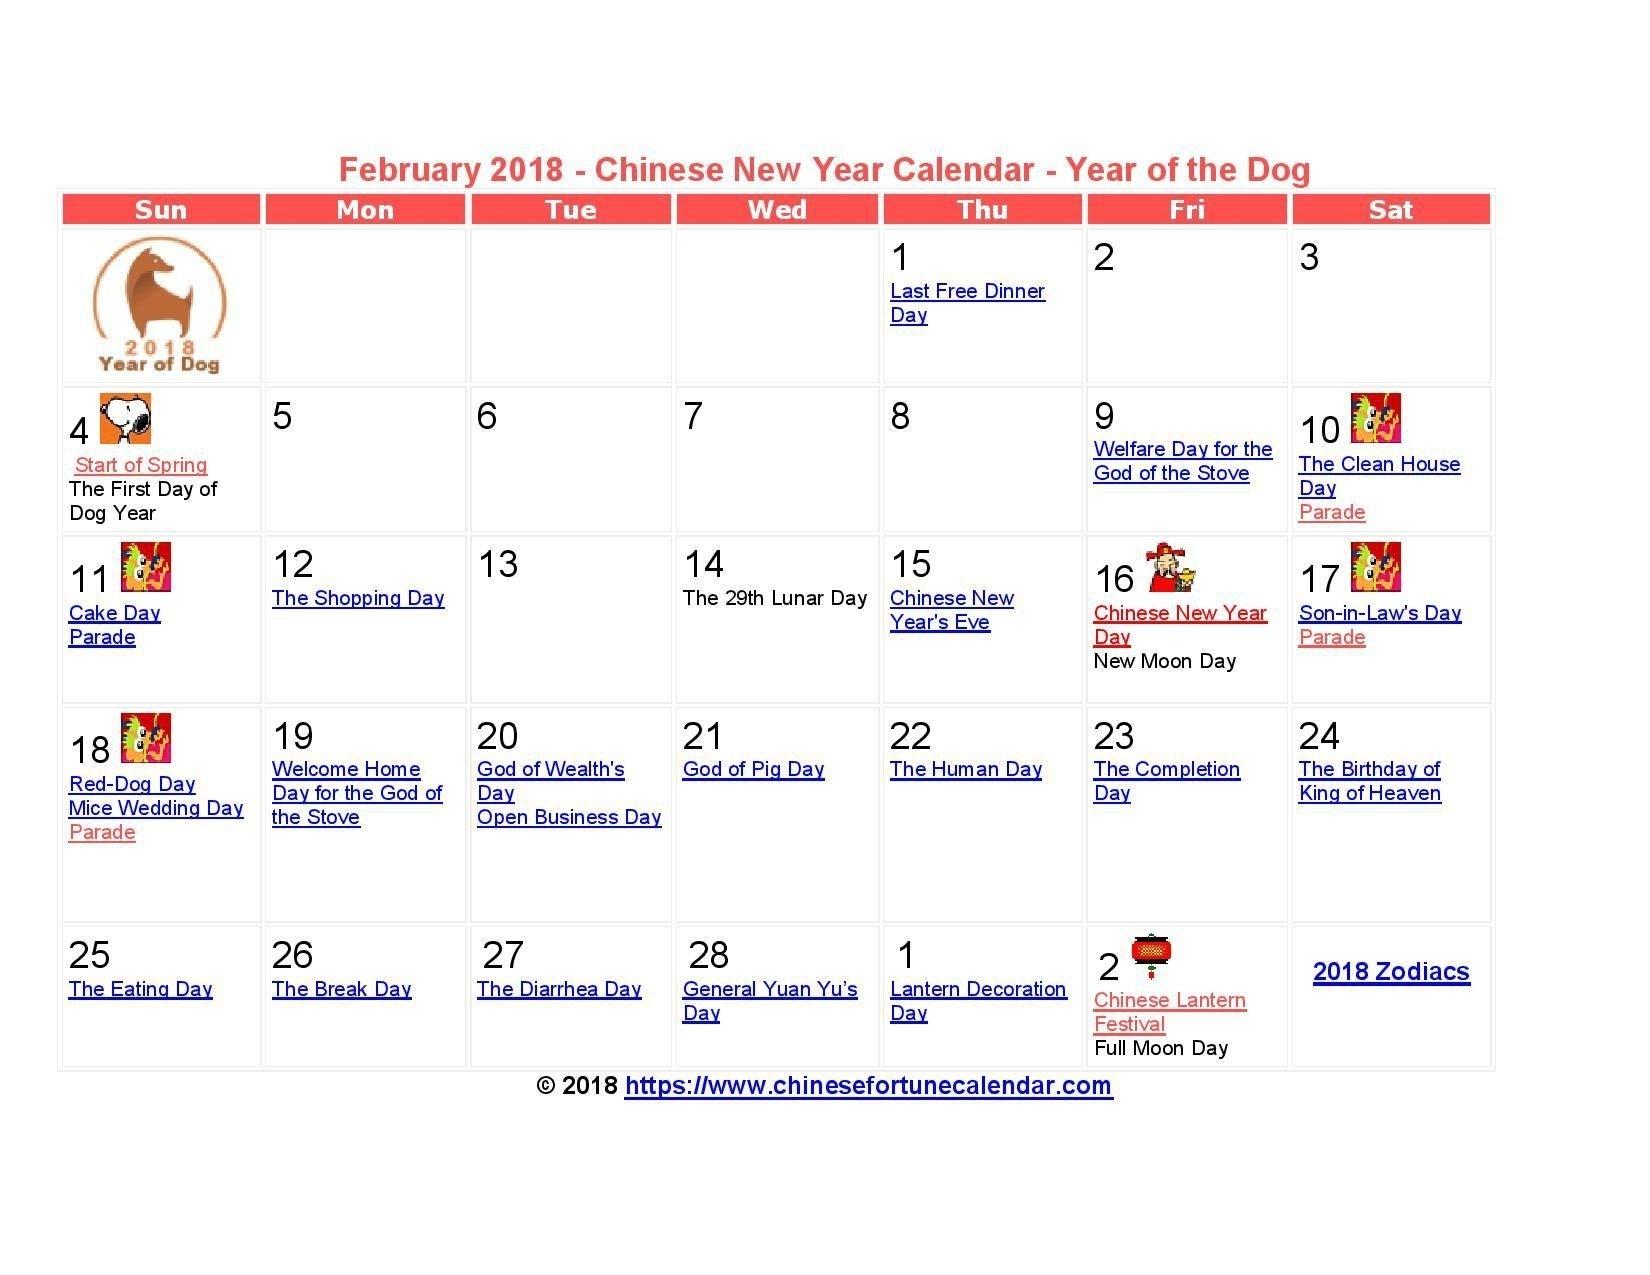 2019 March Calendar Kalnirnay Más Arriba-a-fecha Calendar 2018 Kuda Of 2019 March Calendar Kalnirnay Actual Kalendar Kuda July 2017